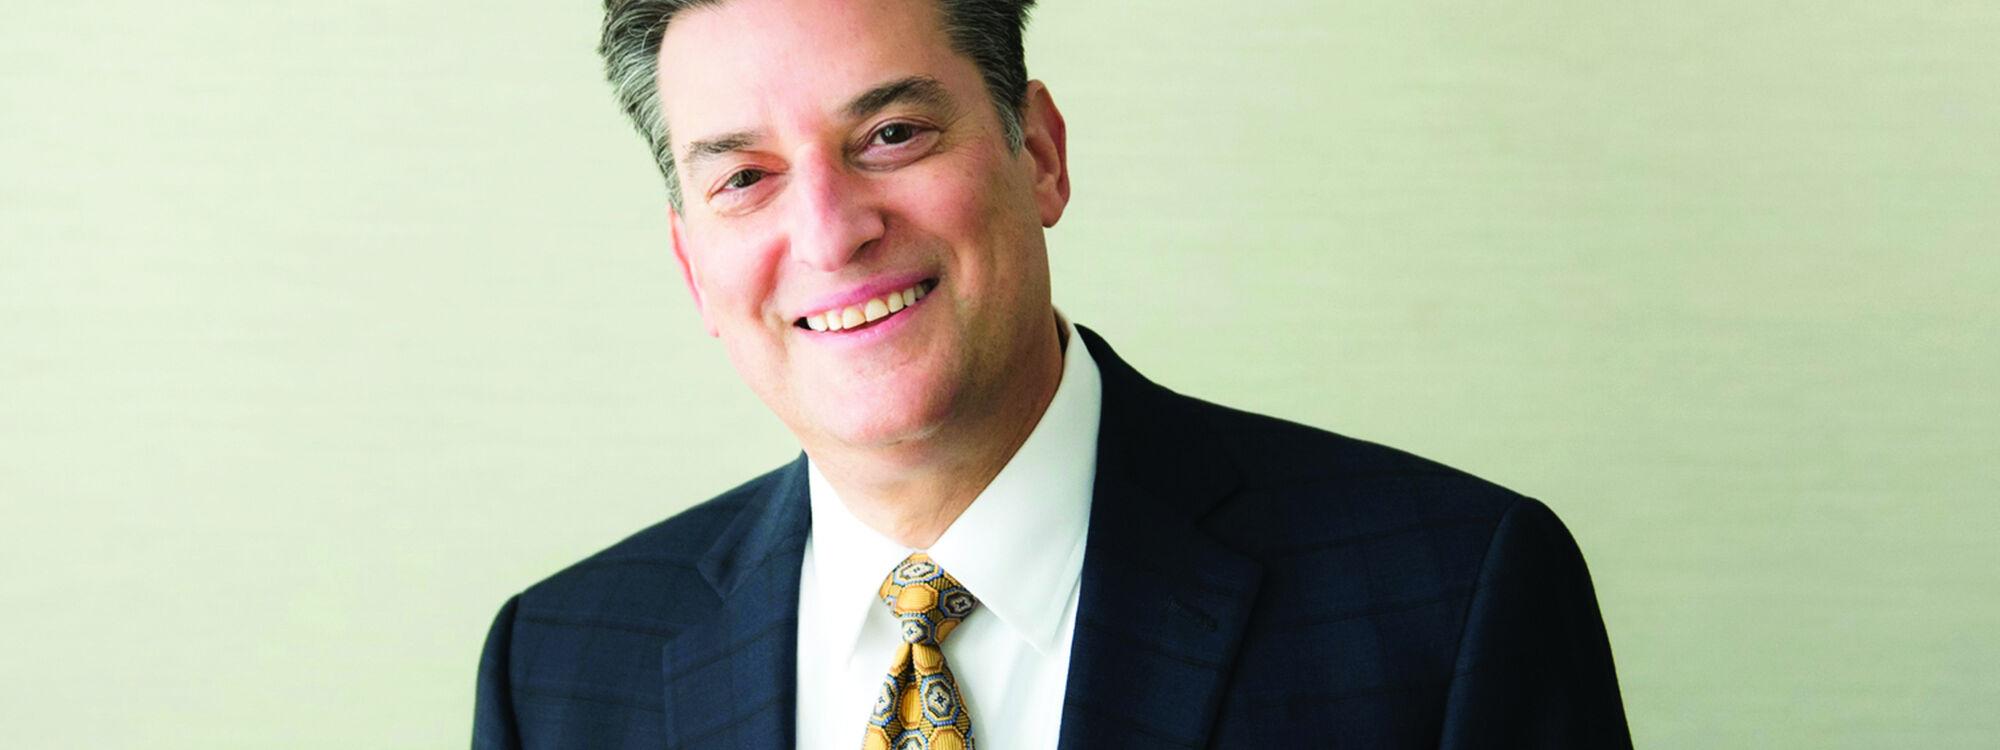 Stuart Bear, partner, shareholder and president of Chestnut Cambronne